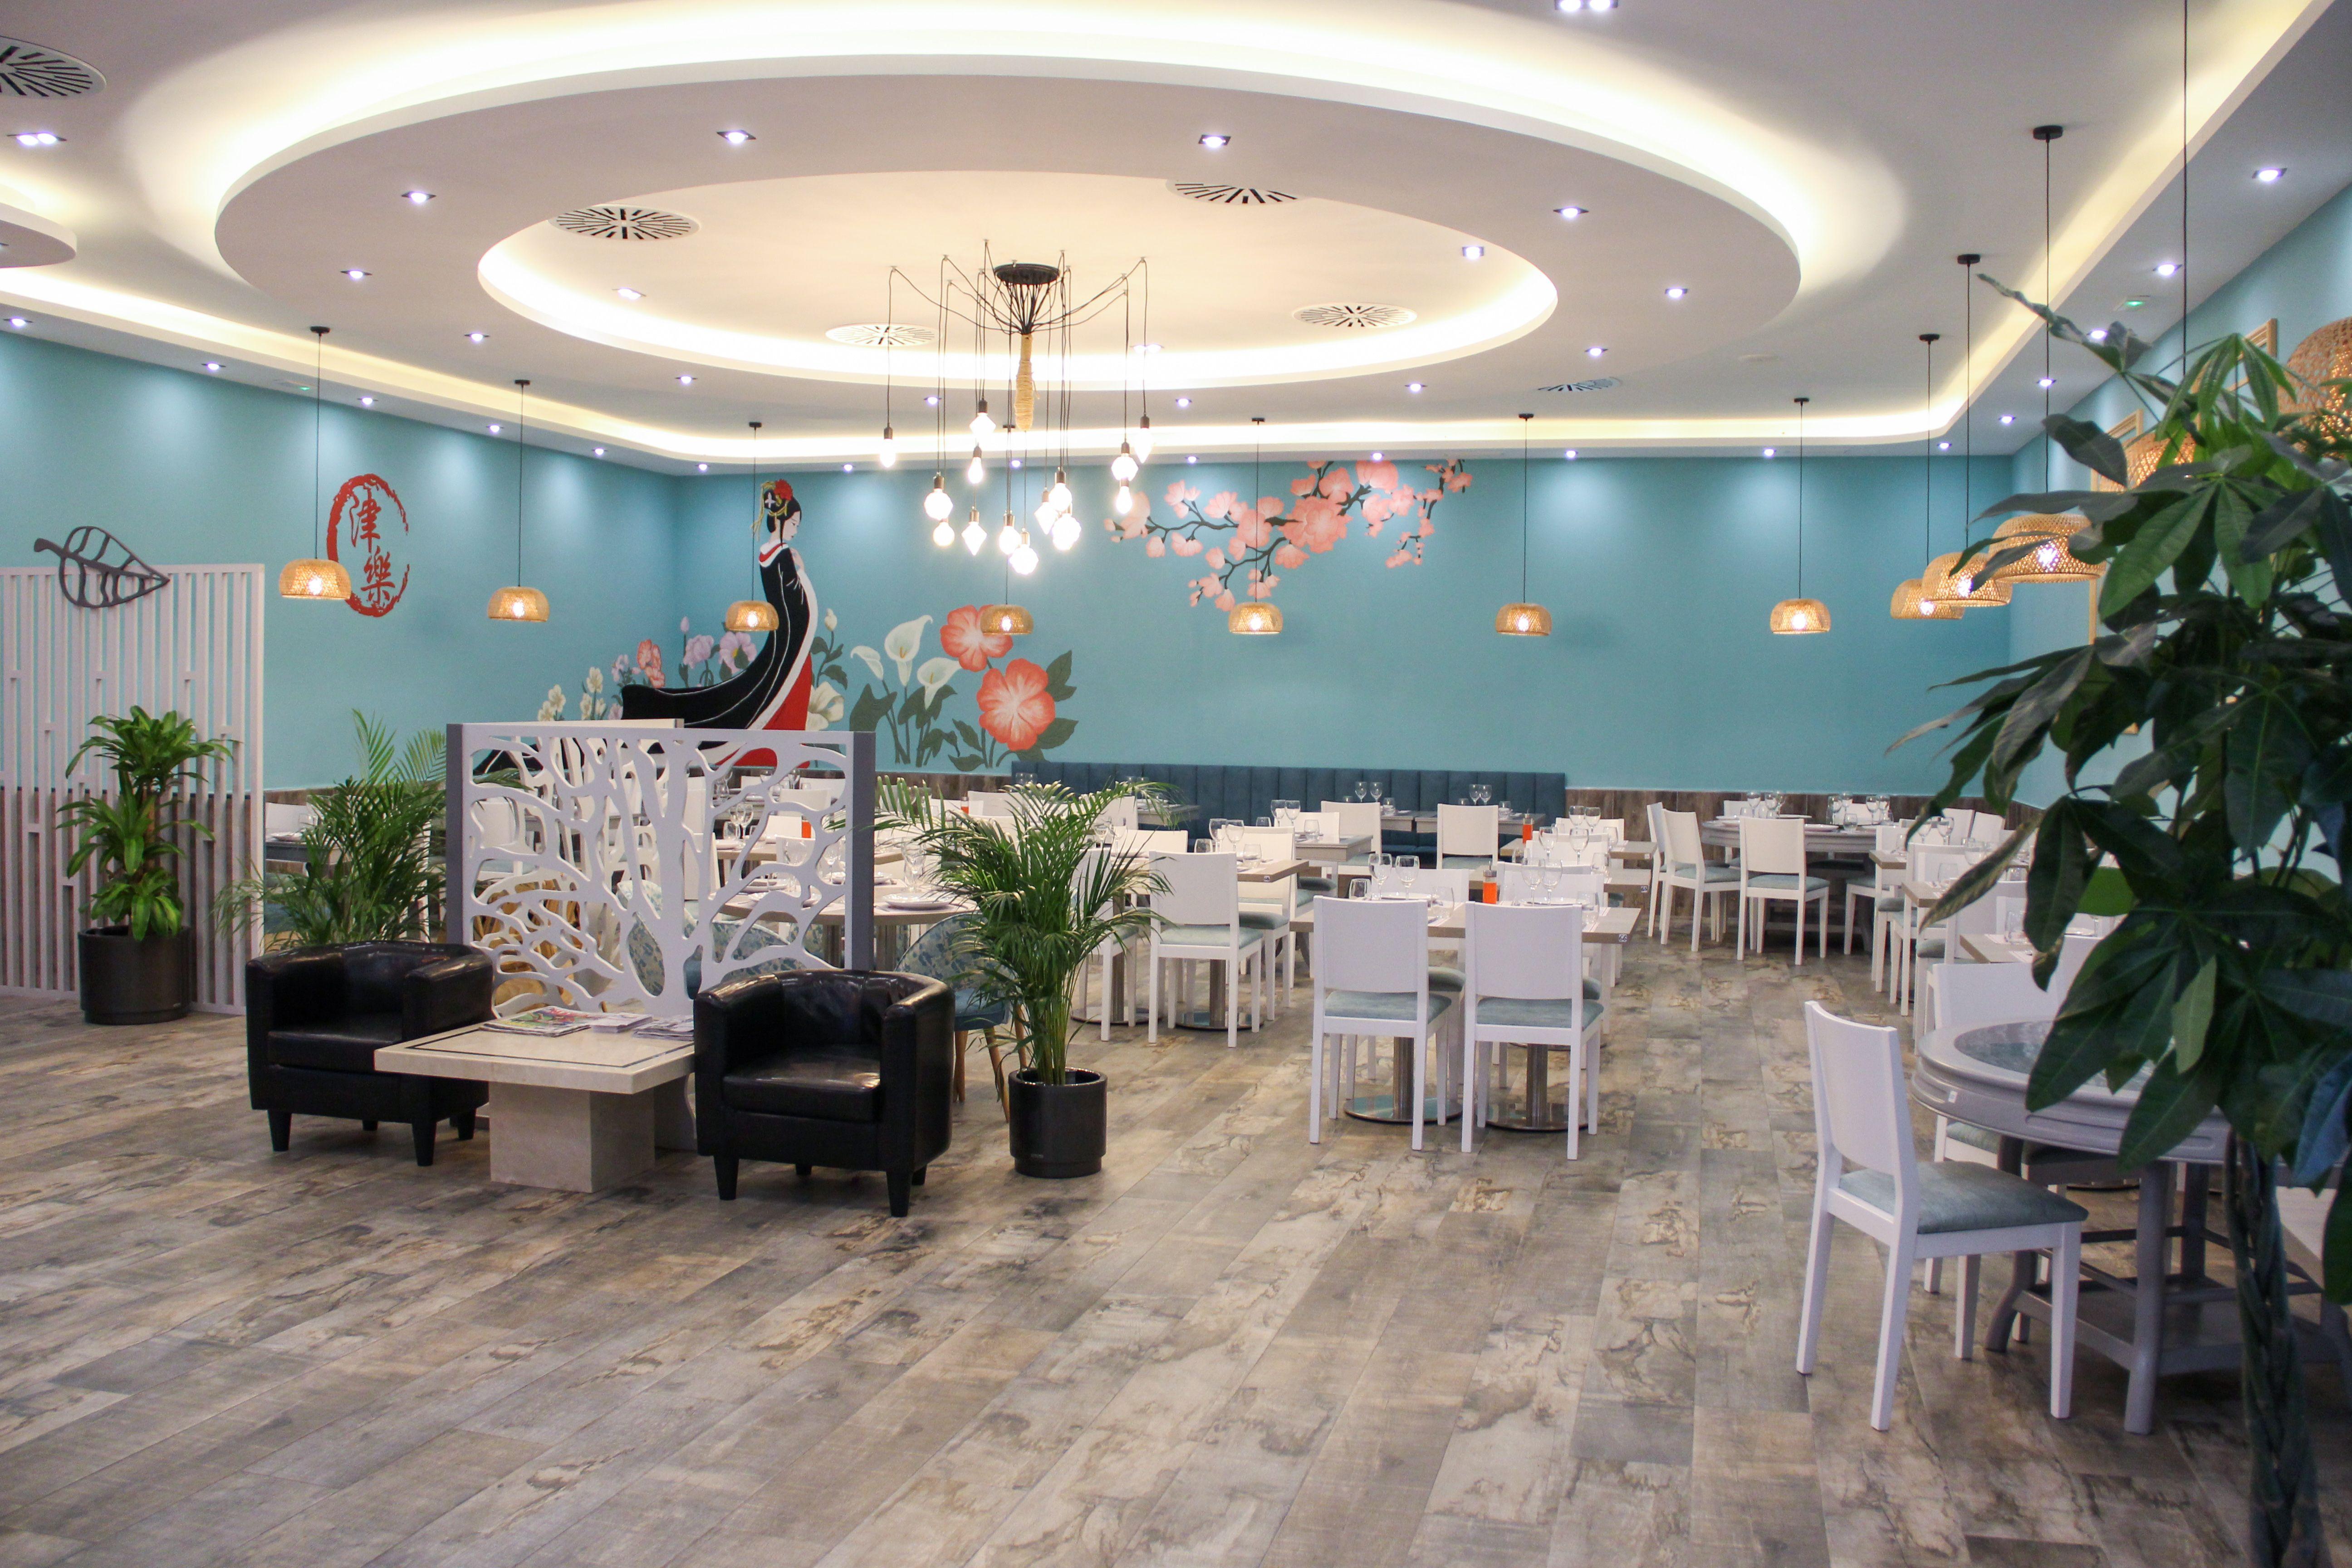 Foto 3 de Cocina asiática en Arganda del Rey | Restaurante Tsuruma